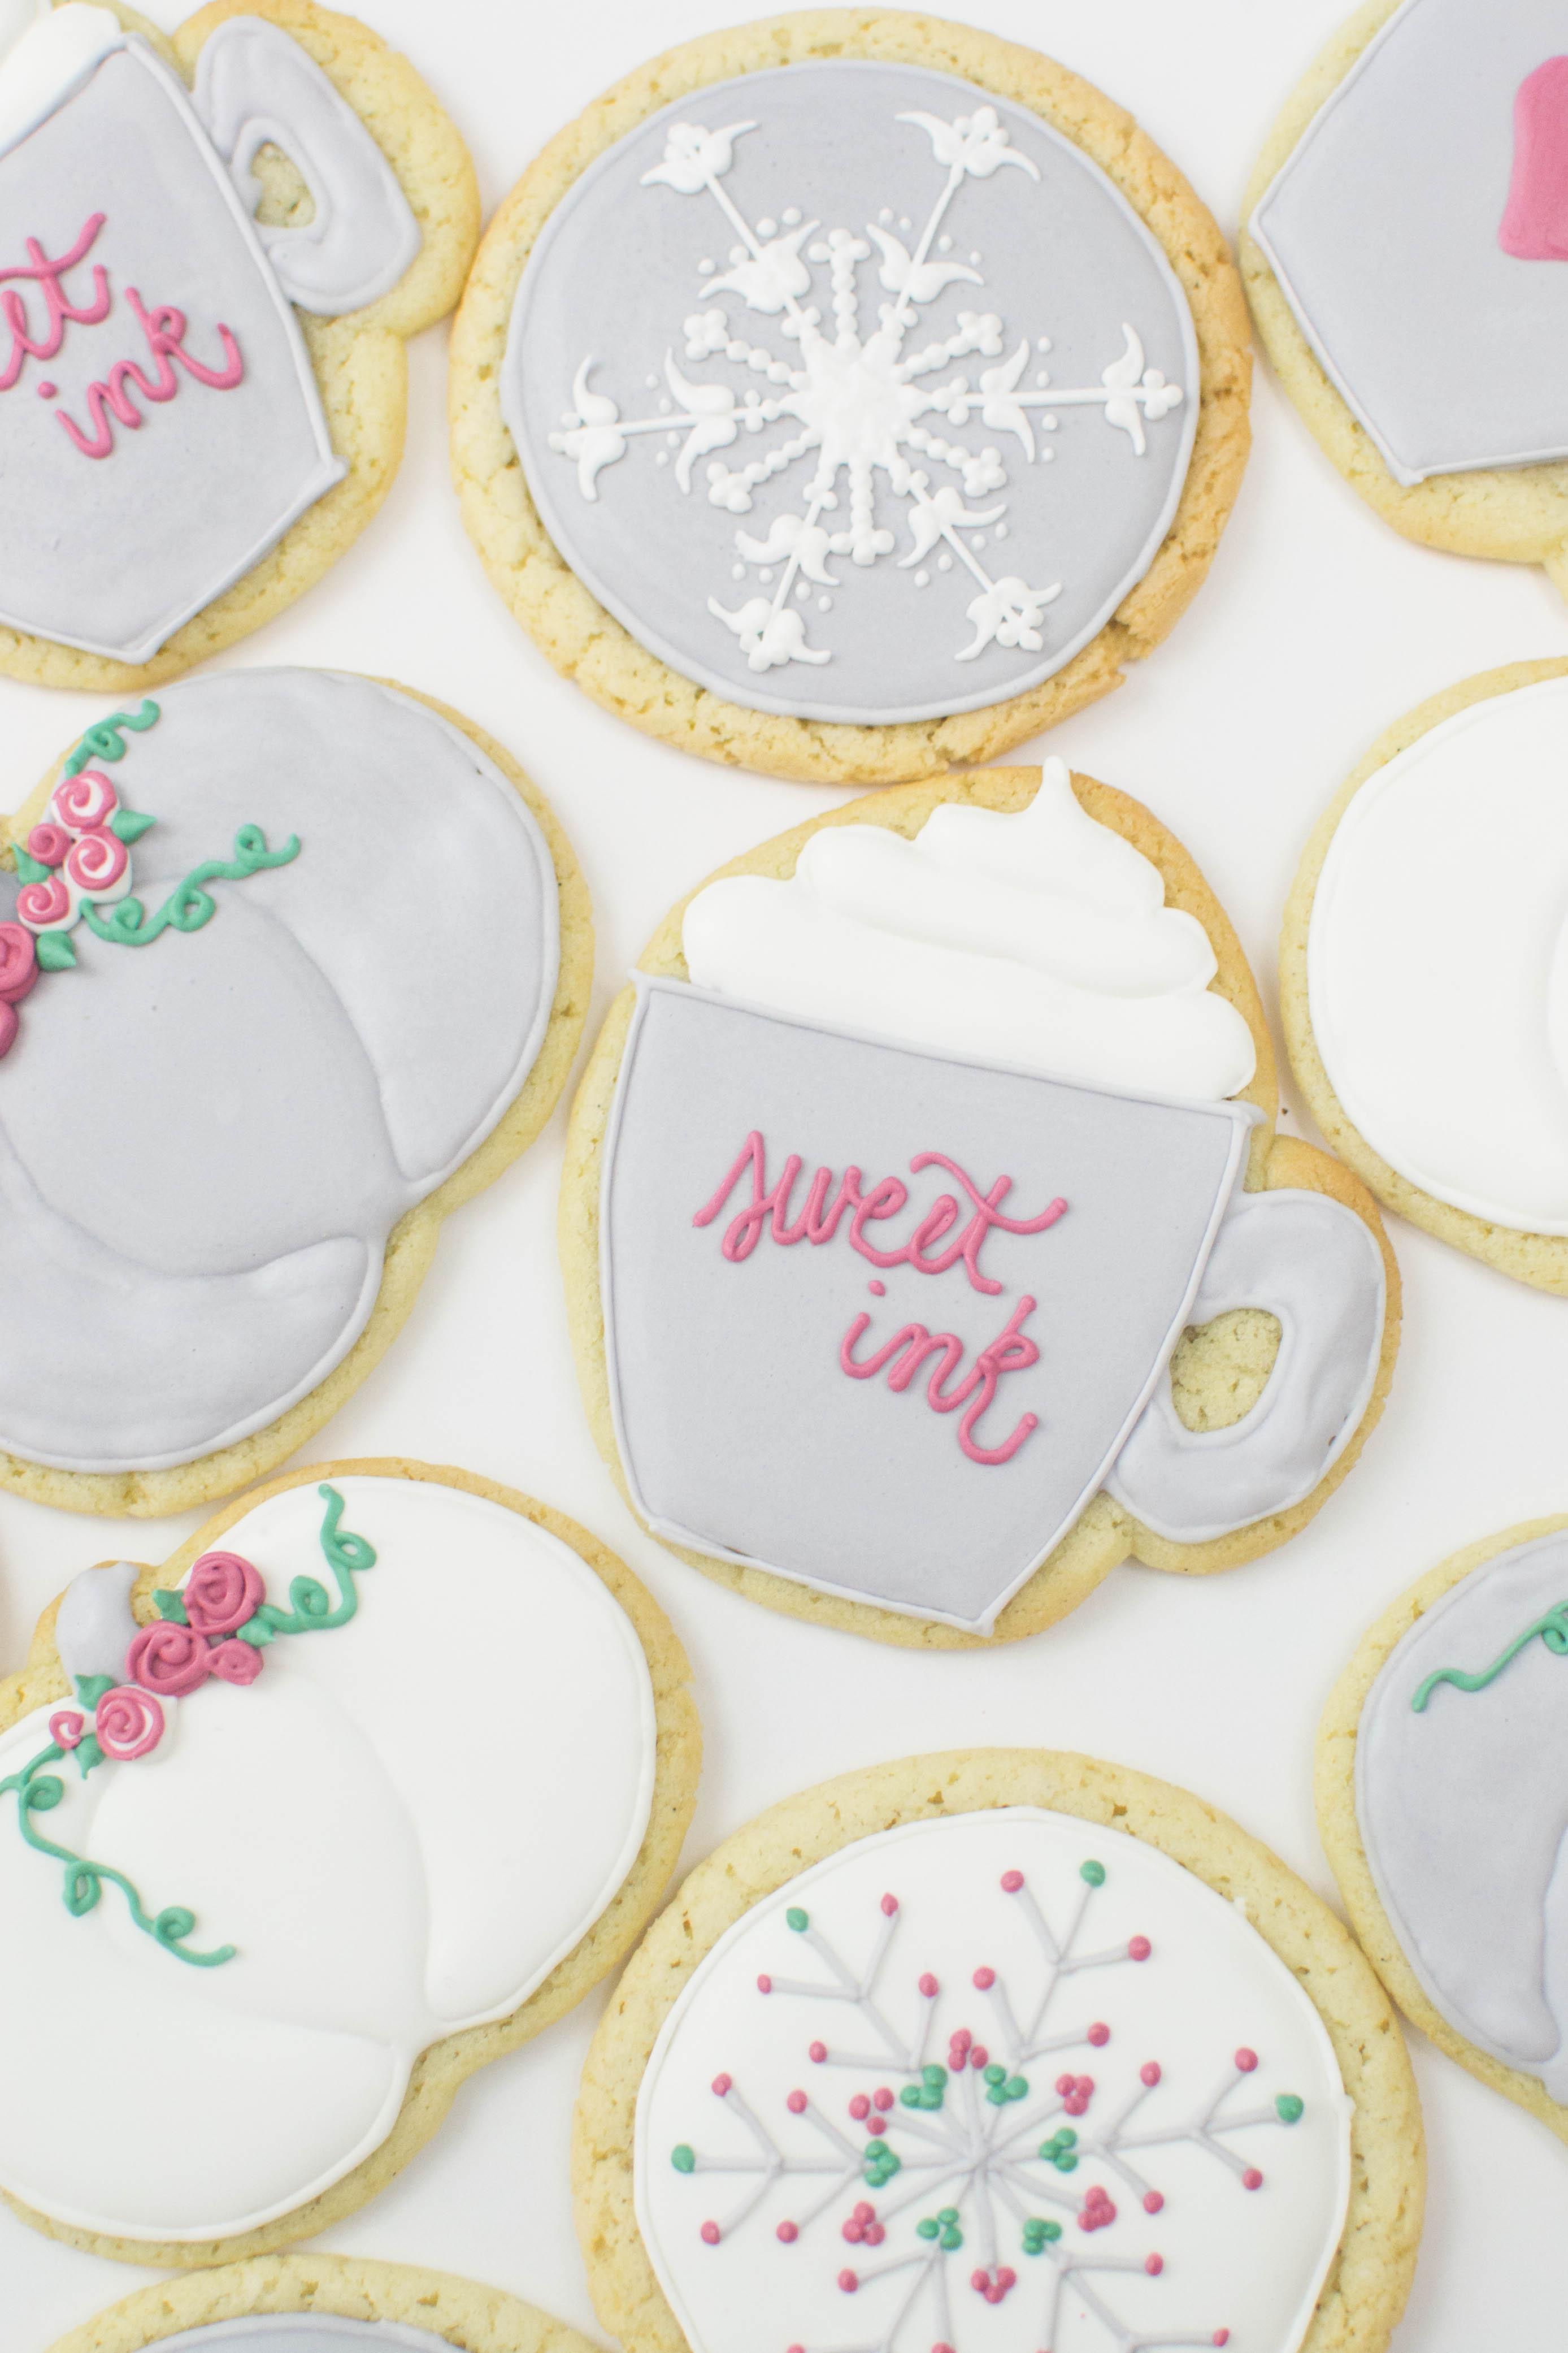 Sweet Ink Workshop Cookies Fall 2017